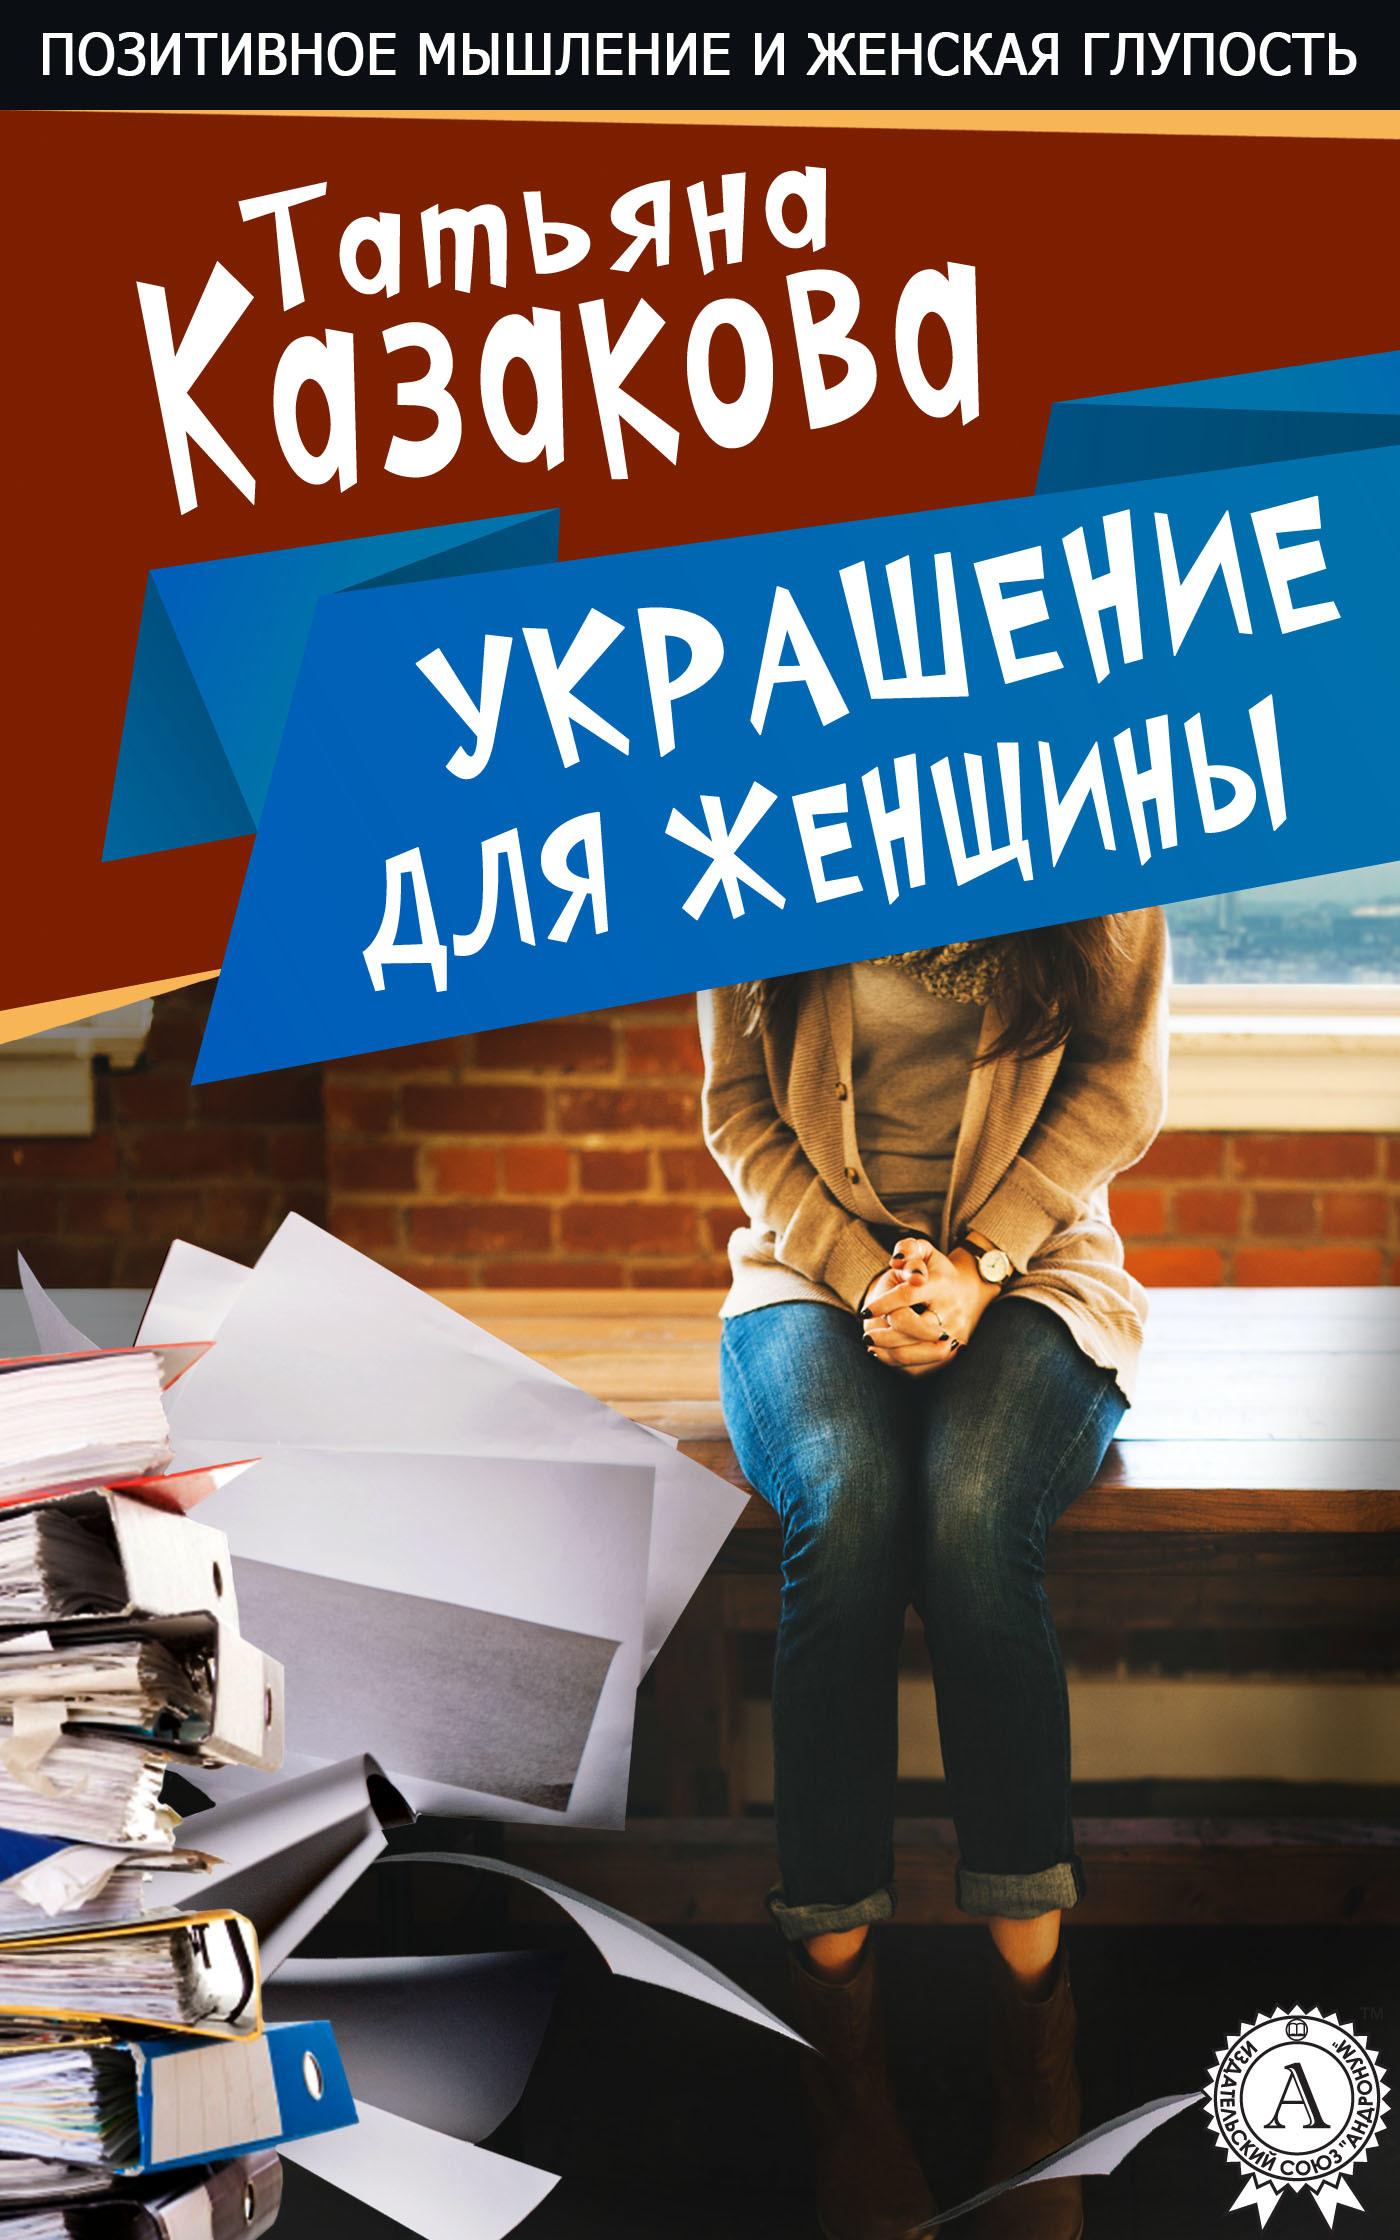 Татьяна Казакова «Украшение для женщины»